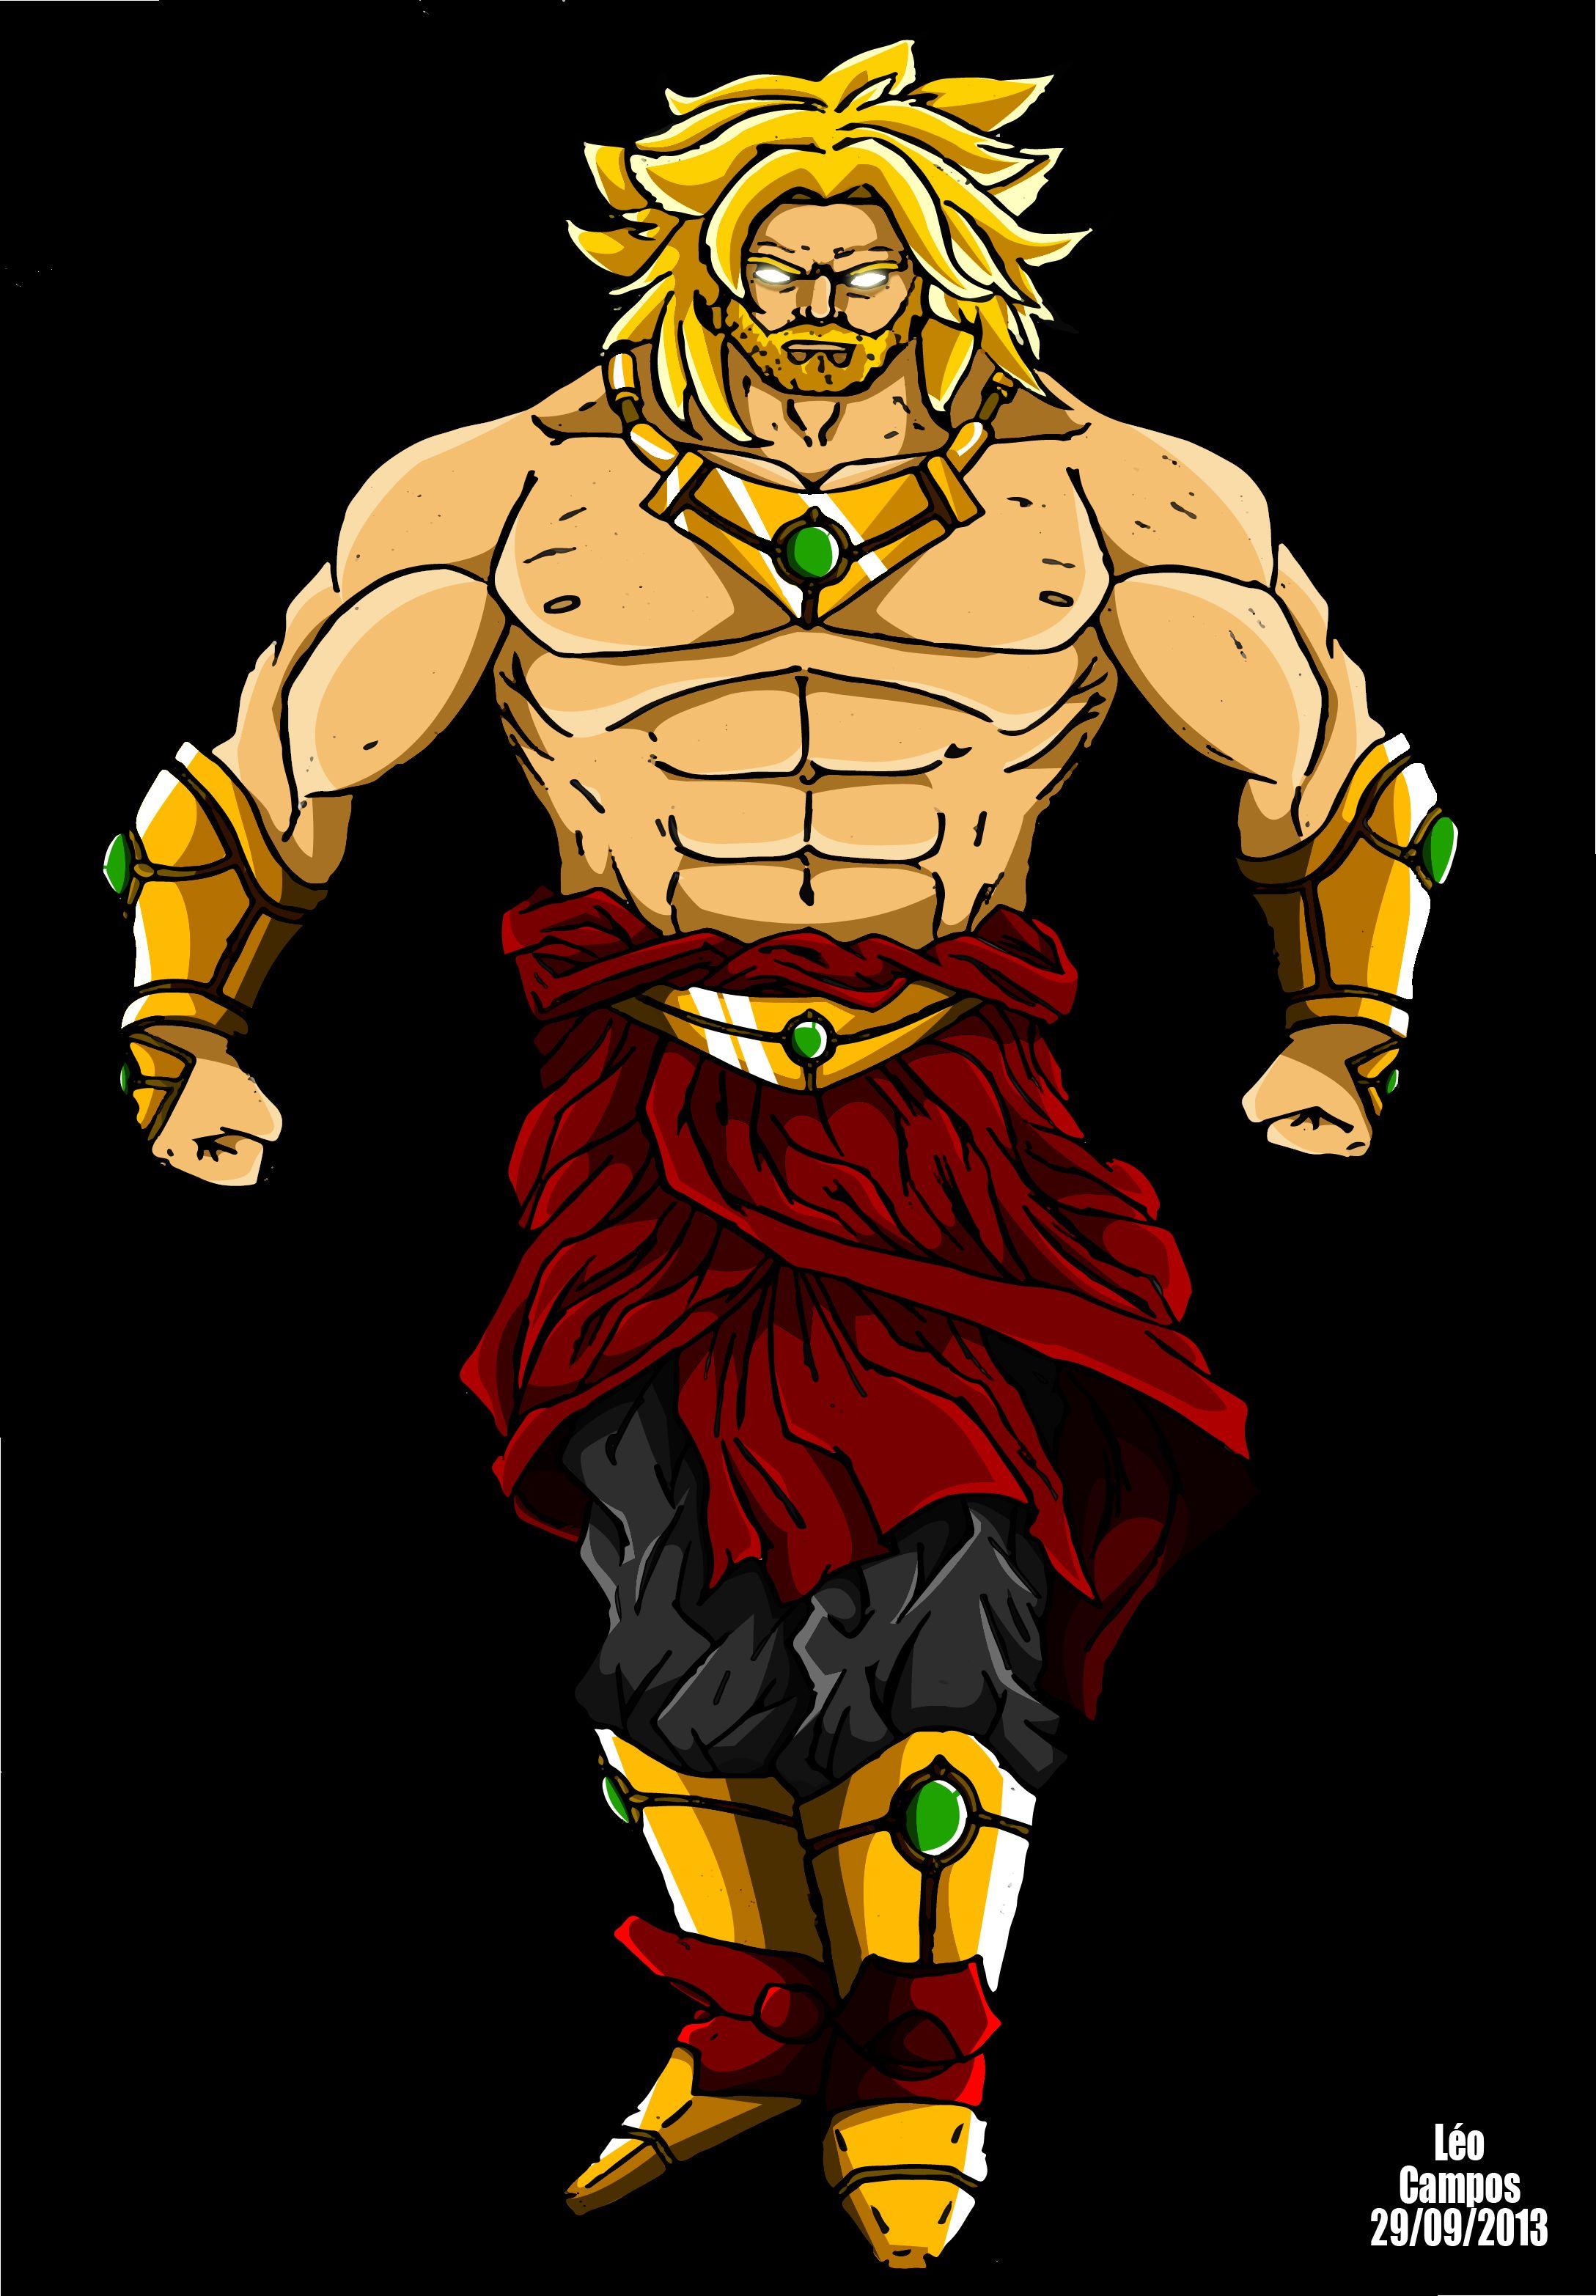 Minha versão do Brolly, o lendário super sayajin. Personagem do universo de Dragon Ball Z.